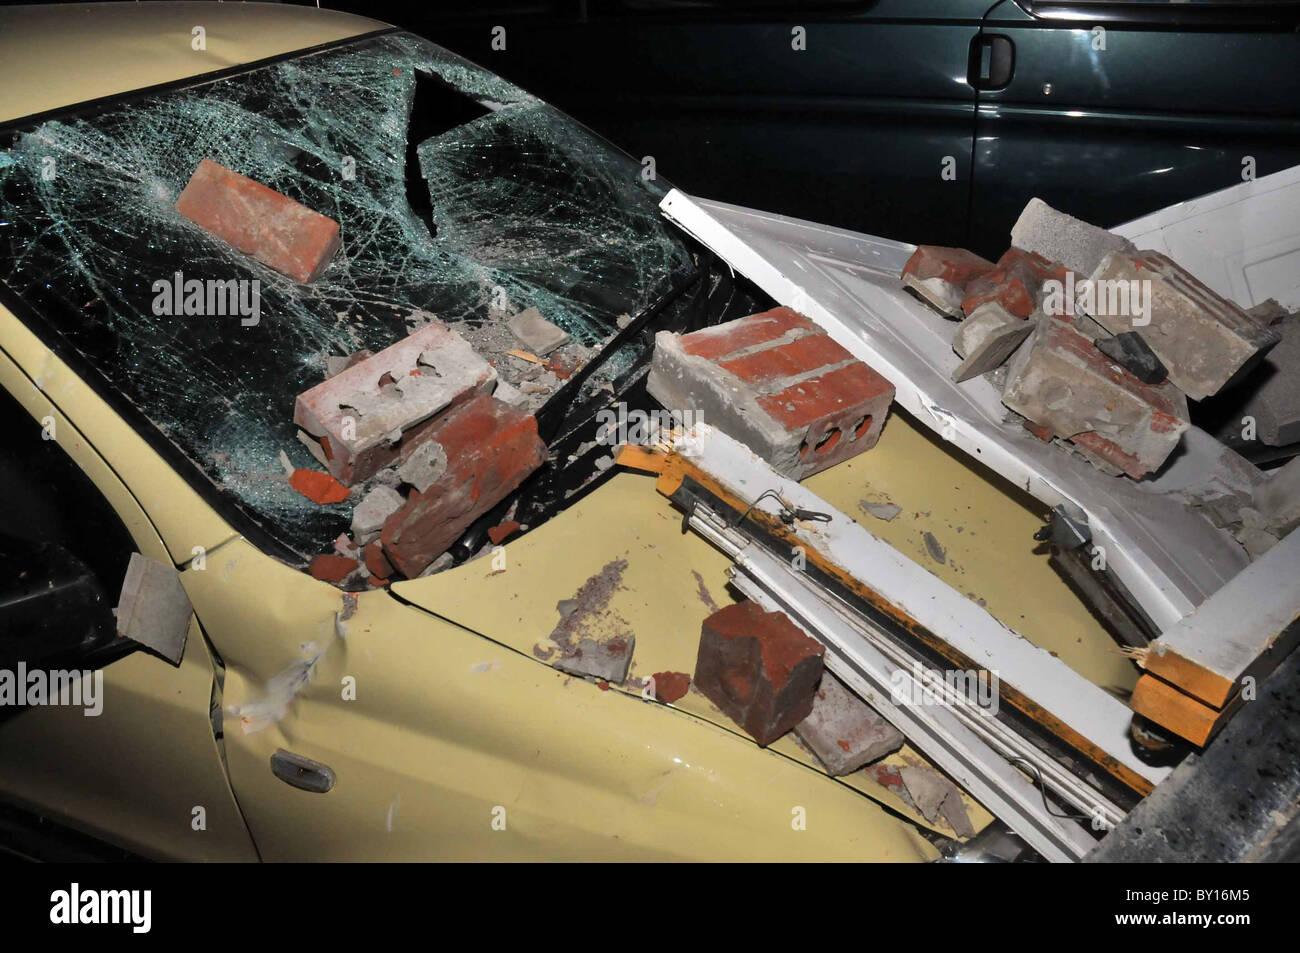 Regno Unito, Runaway a prova di bomba 28 t veicolo militare ha causato una scia di devastazione in maniera restrittiva Immagini Stock